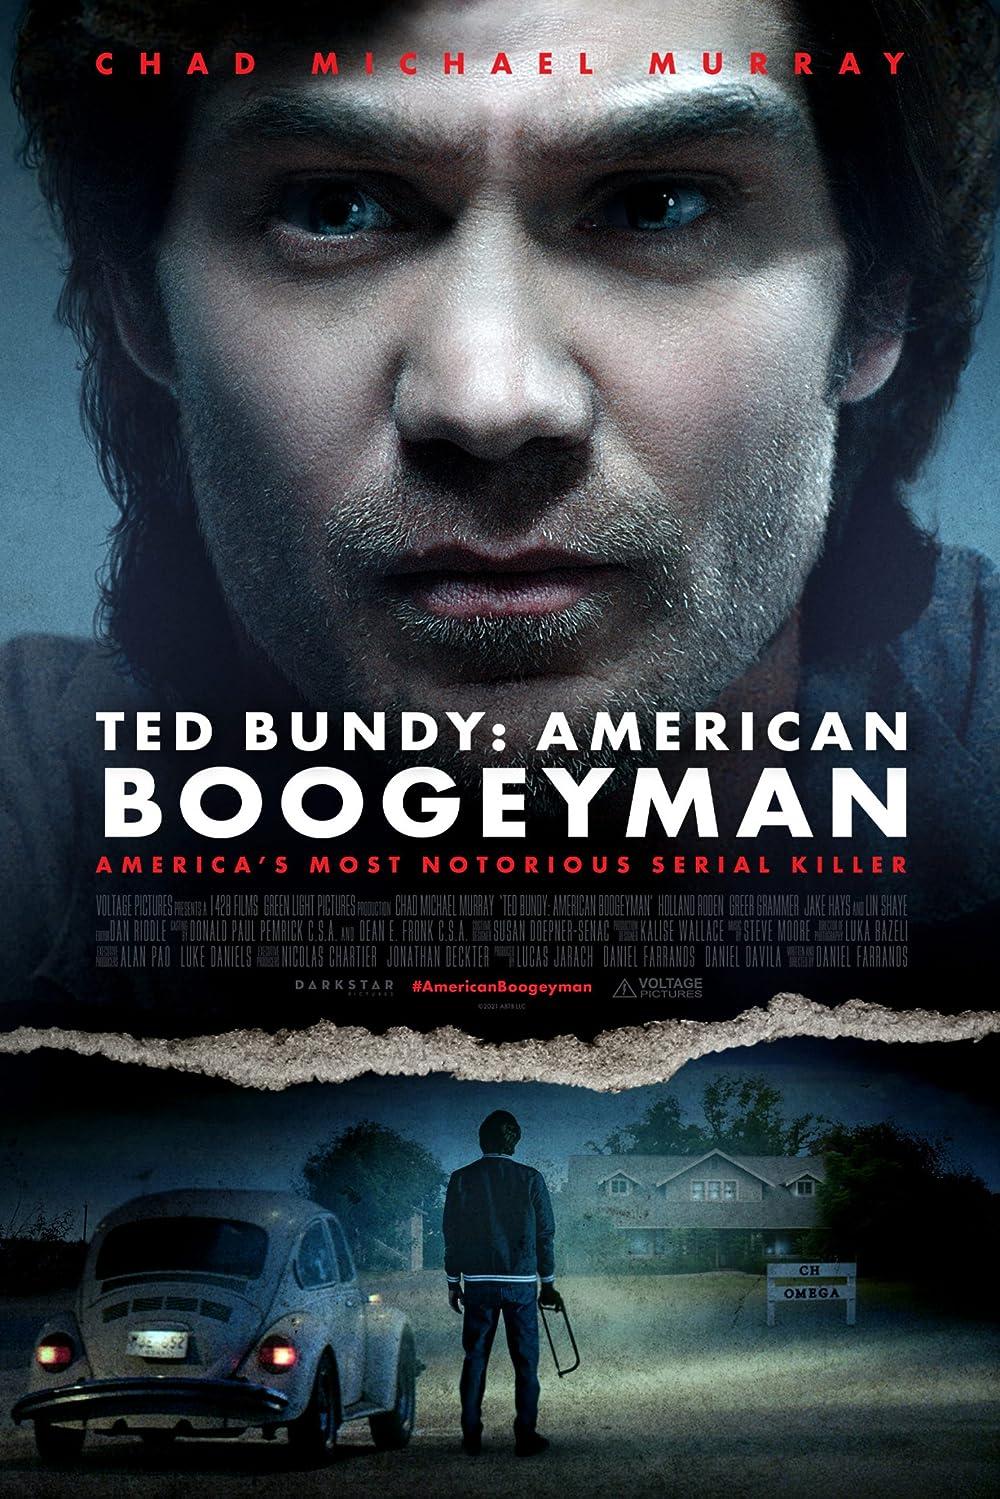 ver pelicula de Ted Bundy: American Boogeyman pelicula completa en español de España